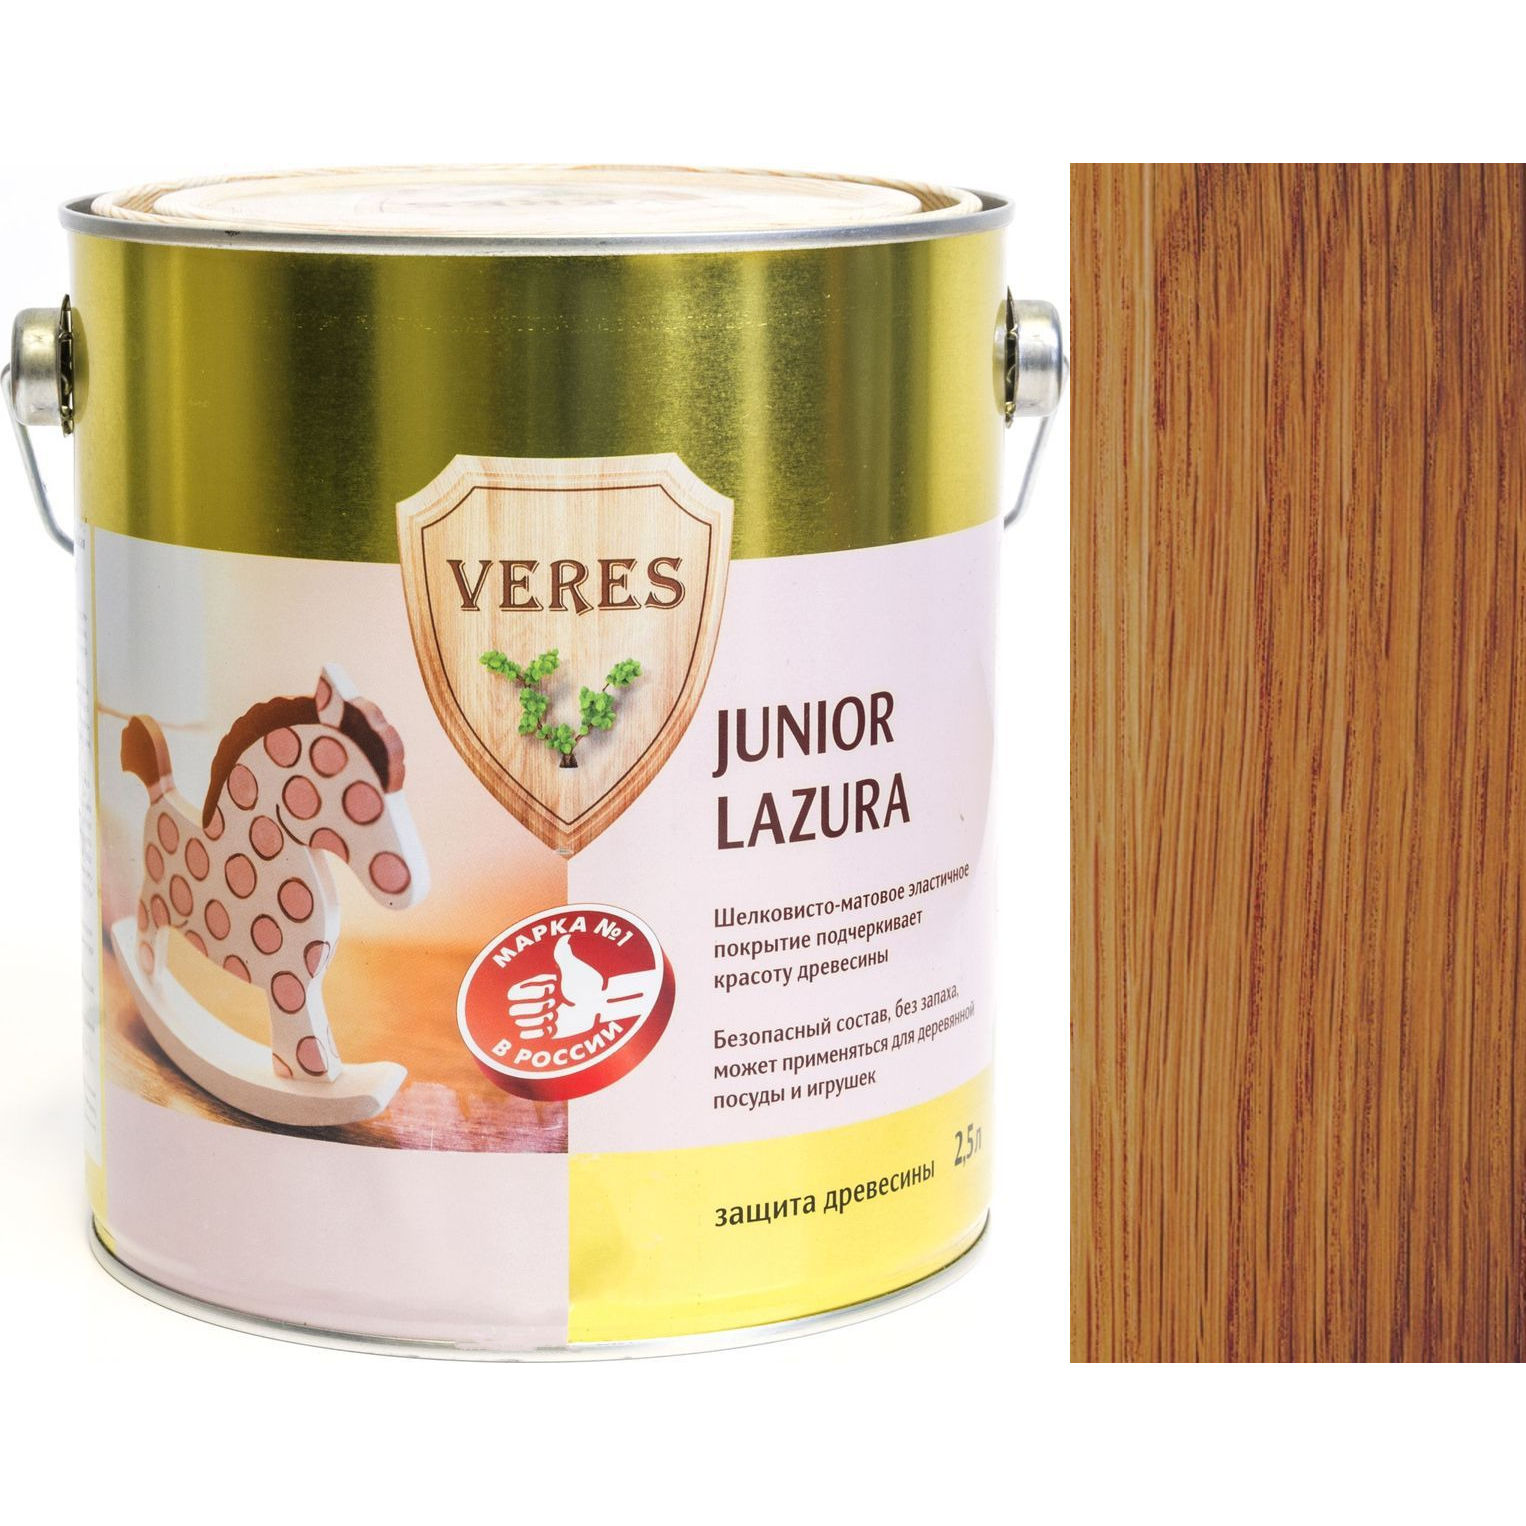 """Фото 15 - Пропитка Верес """"Джуниор Лазура"""" №19 Дуб, для древесины [Шелковисто-матовая]-[уп. 6 шт по 0,25 л] """"Veres""""."""